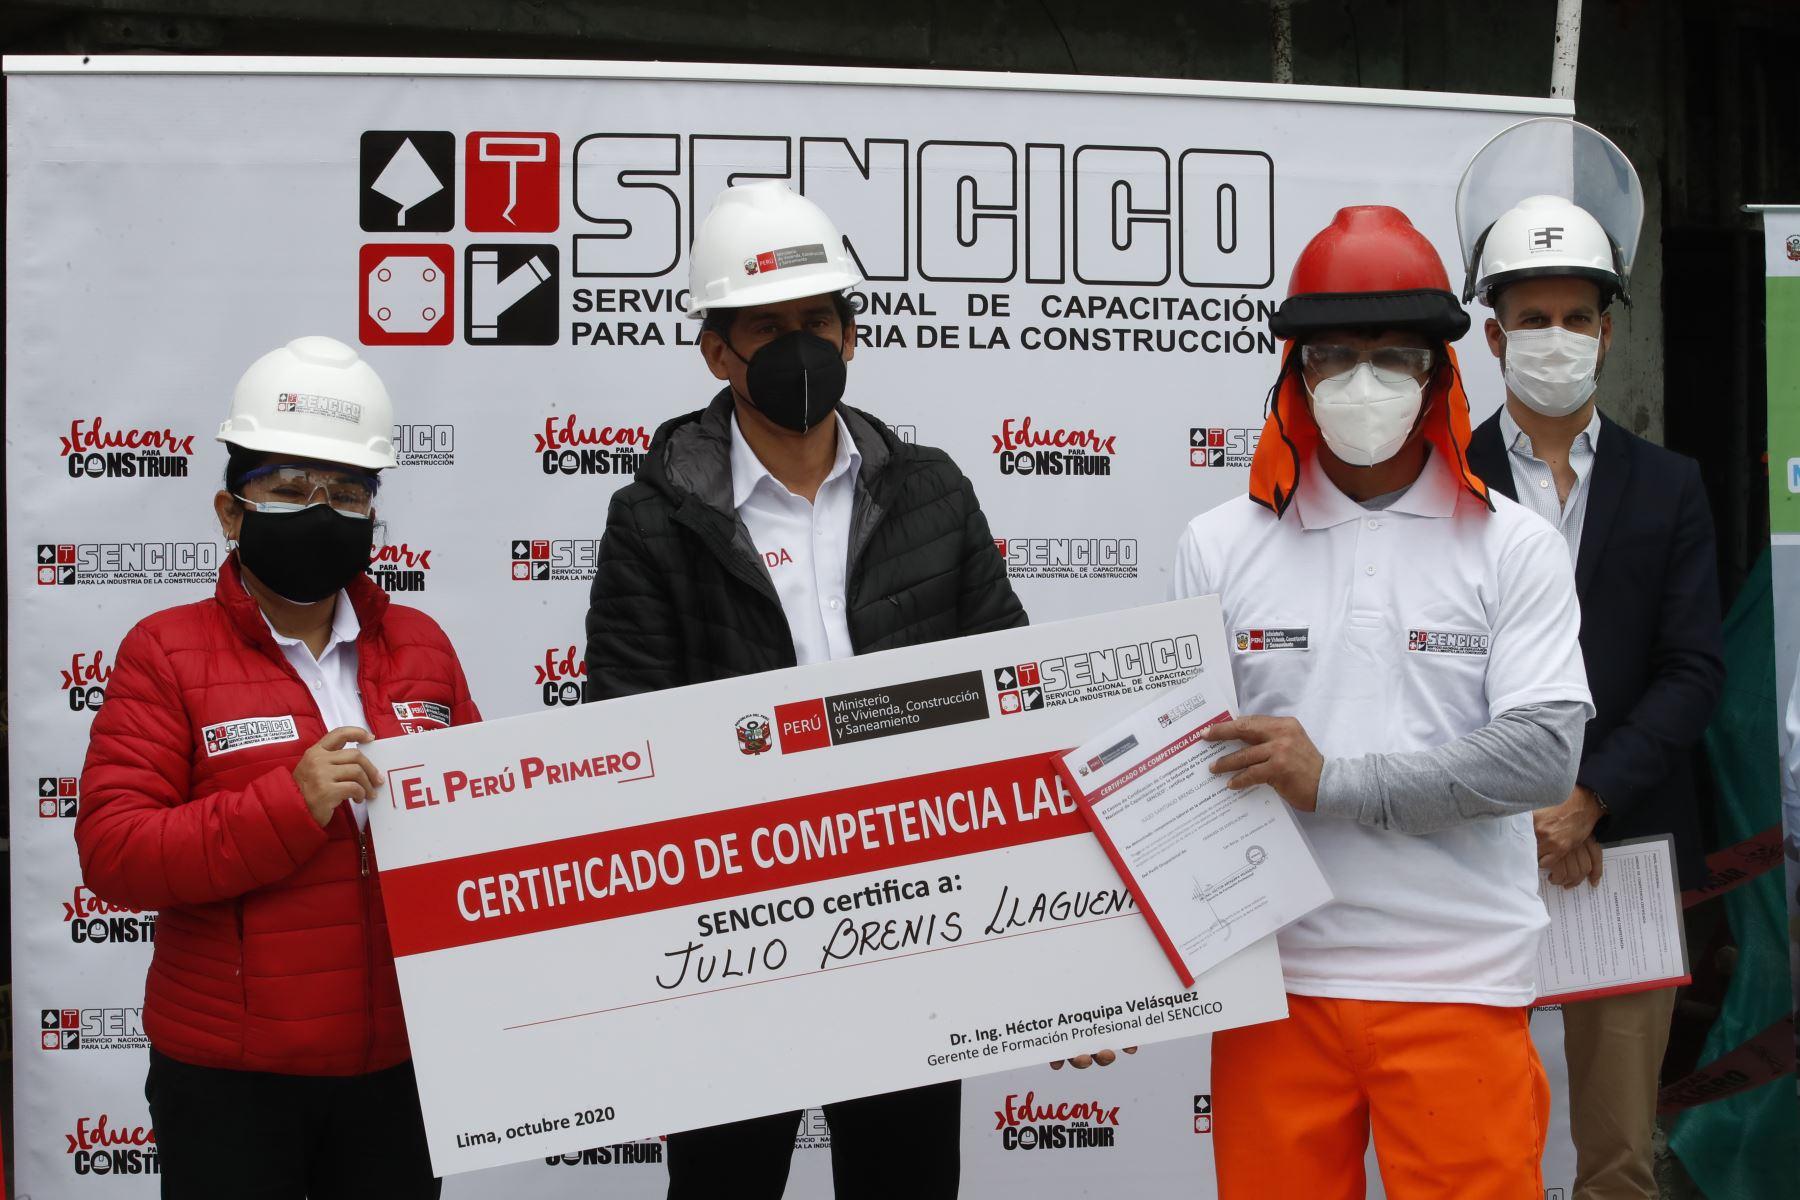 El ministro de Vivienda, Construcción y Saneamiento, Carlos Lozada Contreras, entrega los Certificados de Competencias Laborales que el Servicio Nacional de Capacitación para la Industria de la Construcción (Sencico) proporciona a trabajadores de construcción civil. Foto: ANDINA/Juan Carlos Guzmán